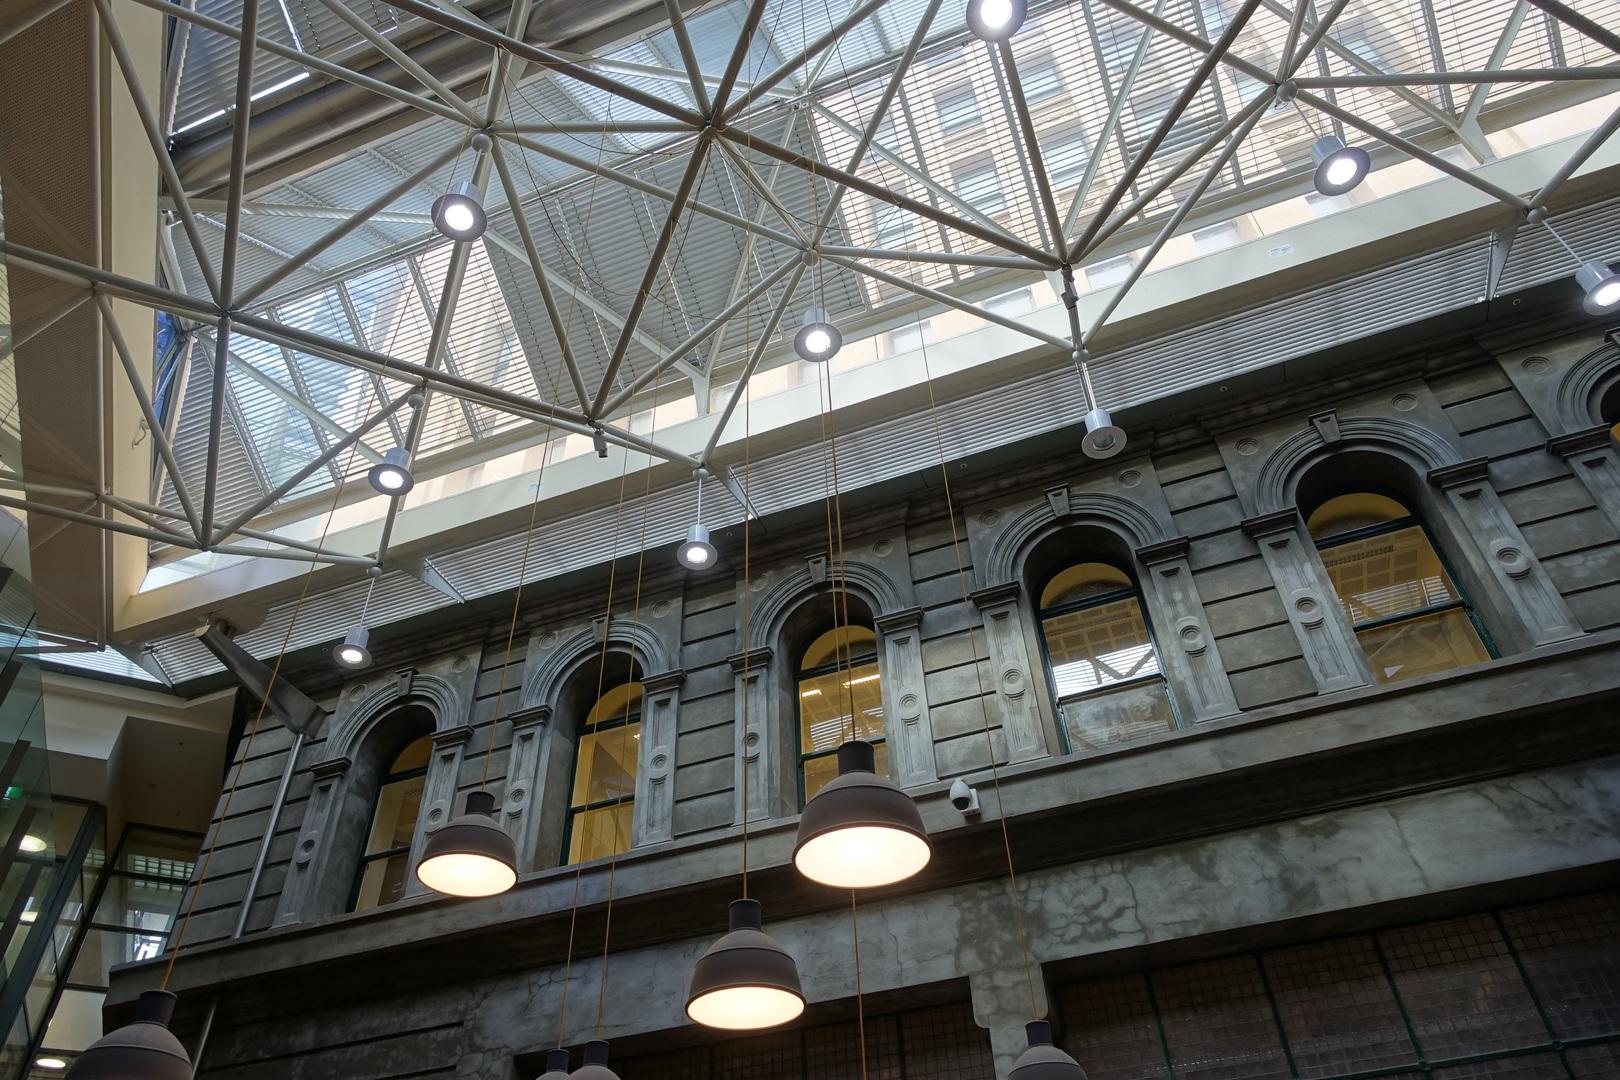 Bâtiment à l'architecture industrielle avec structure métallique apparente